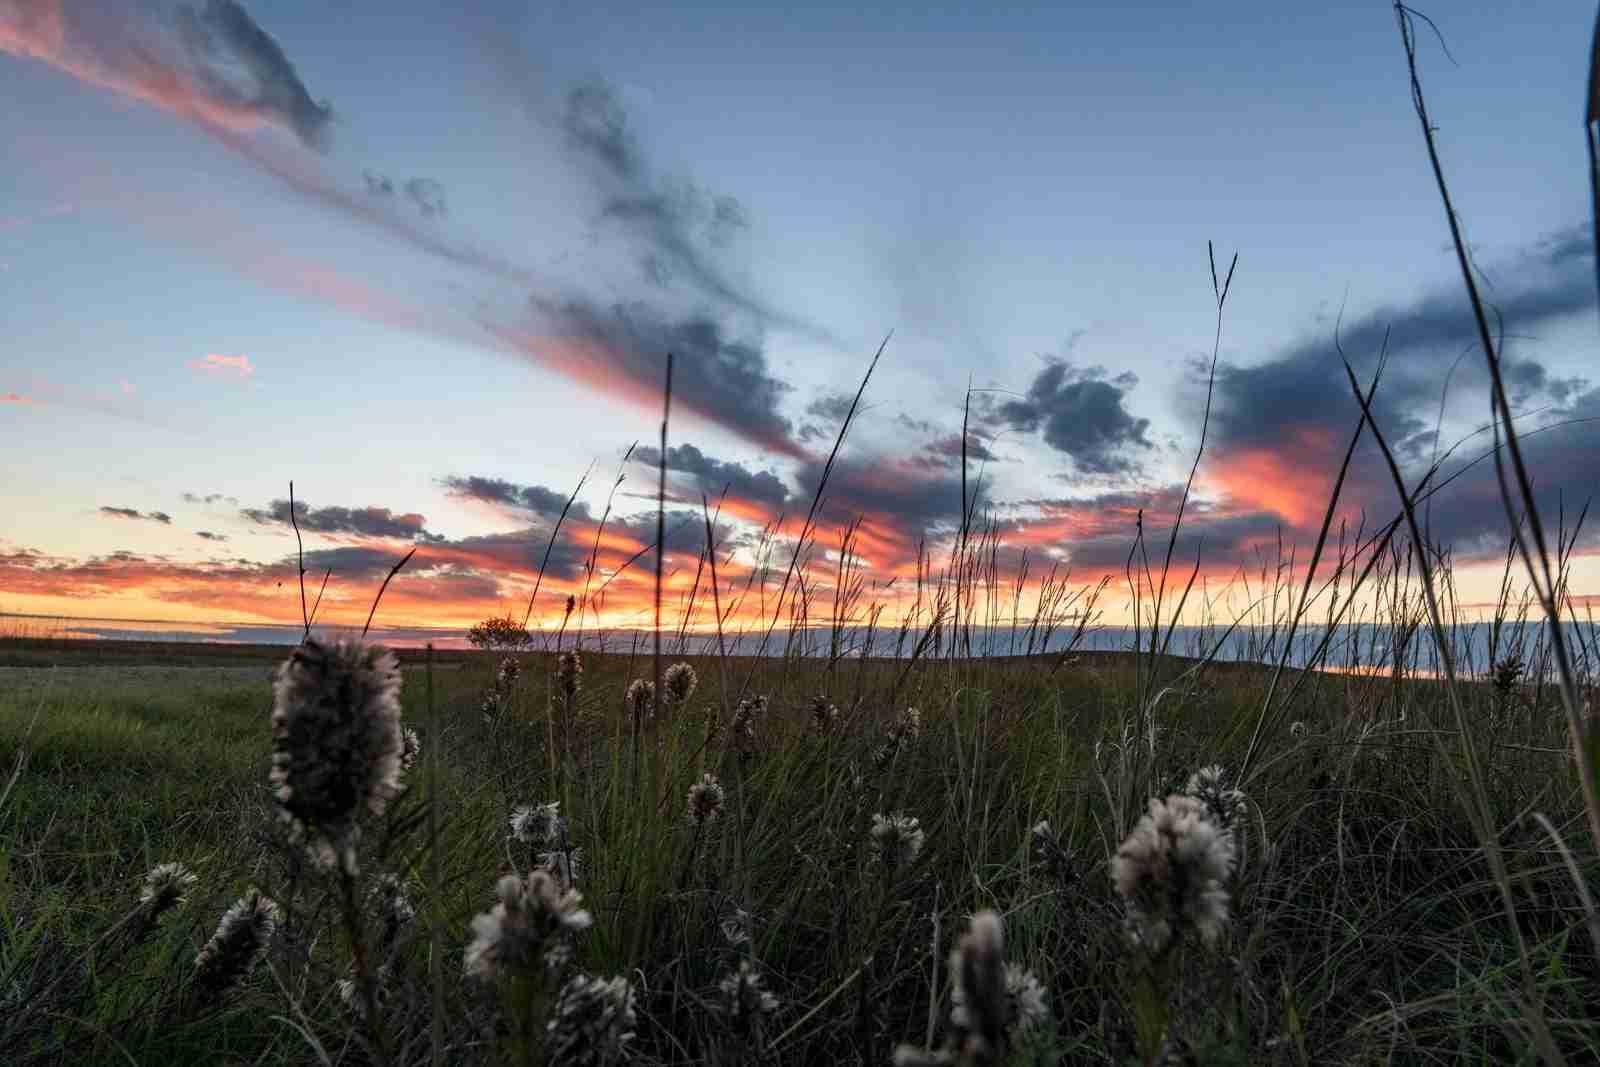 The Tallgrass Prairie National Preserve at sunset. (Photo via Shutterstock)